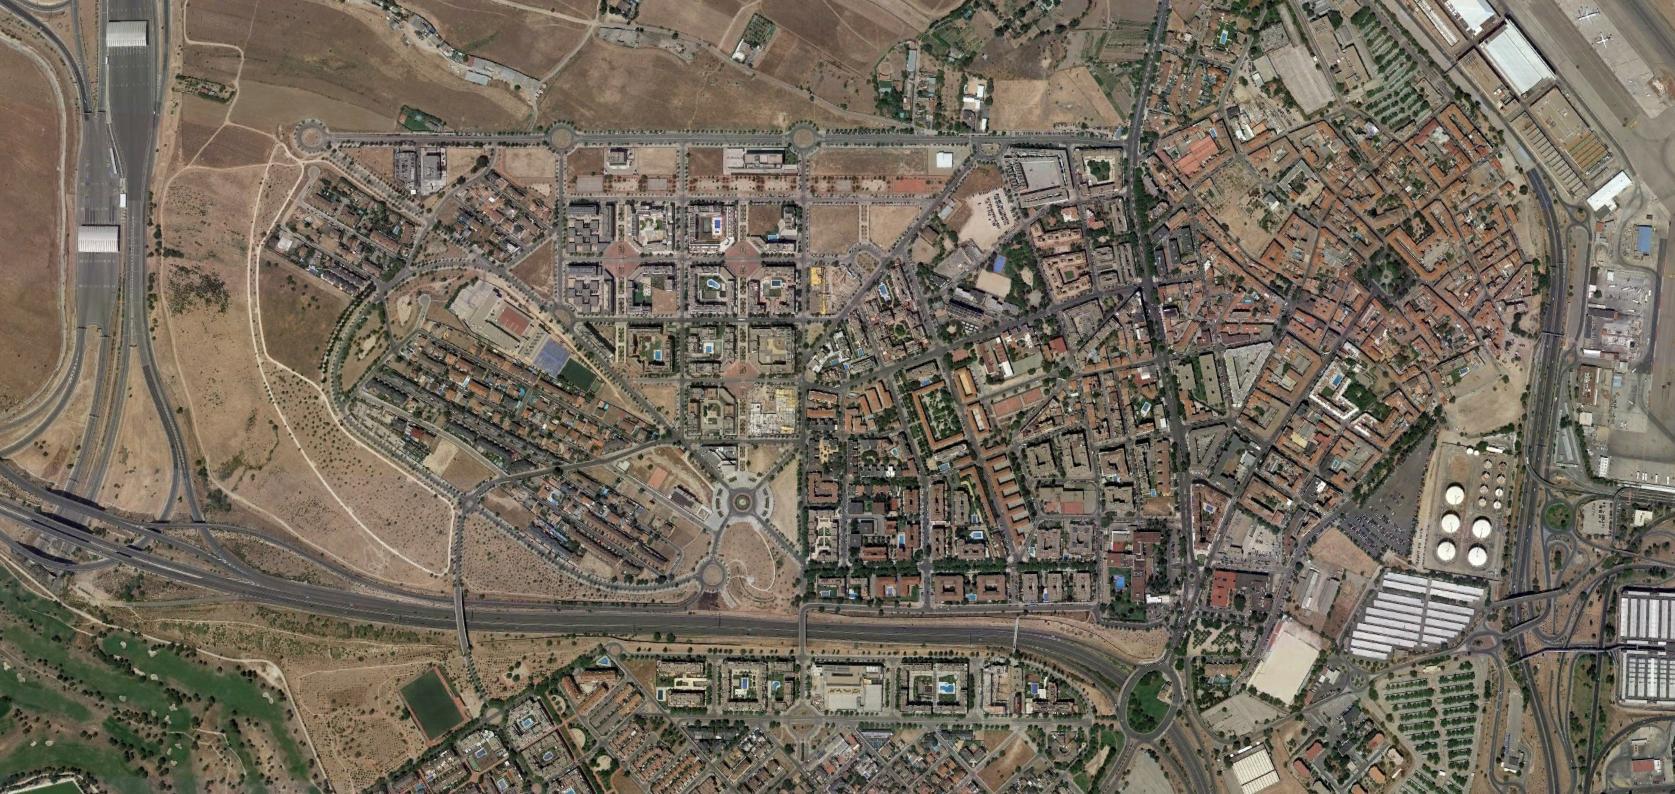 barajas, madrid, aeropuerto chiste chiste madrid barajas, después, urbanismo, planeamiento, urbano, desastre, urbanístico, construcción, rotondas, carretera